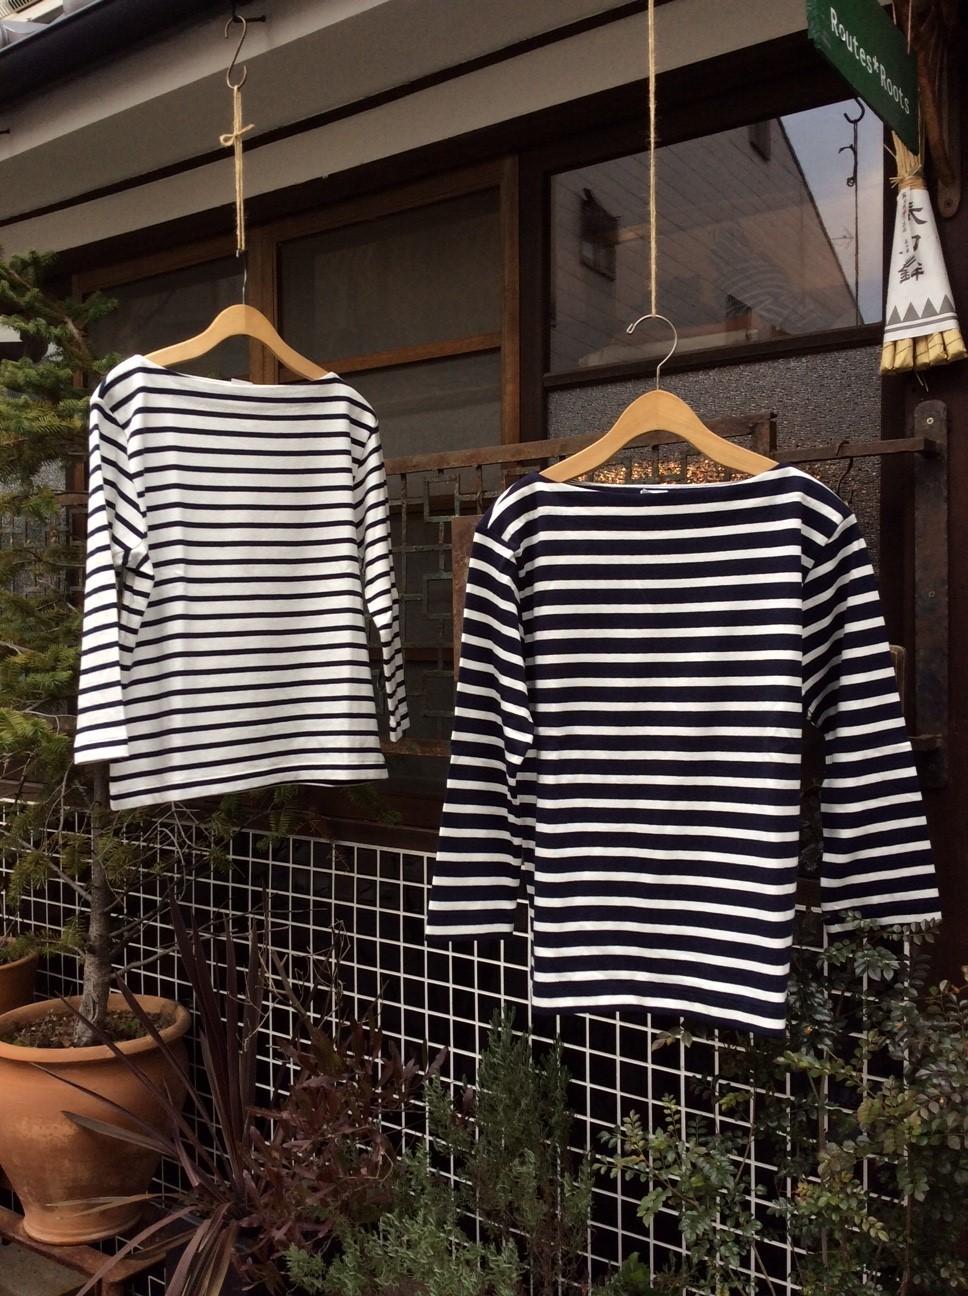 YAECA ヤエカ バスクシャツ White / Navy border_e0248492_18162902.jpg